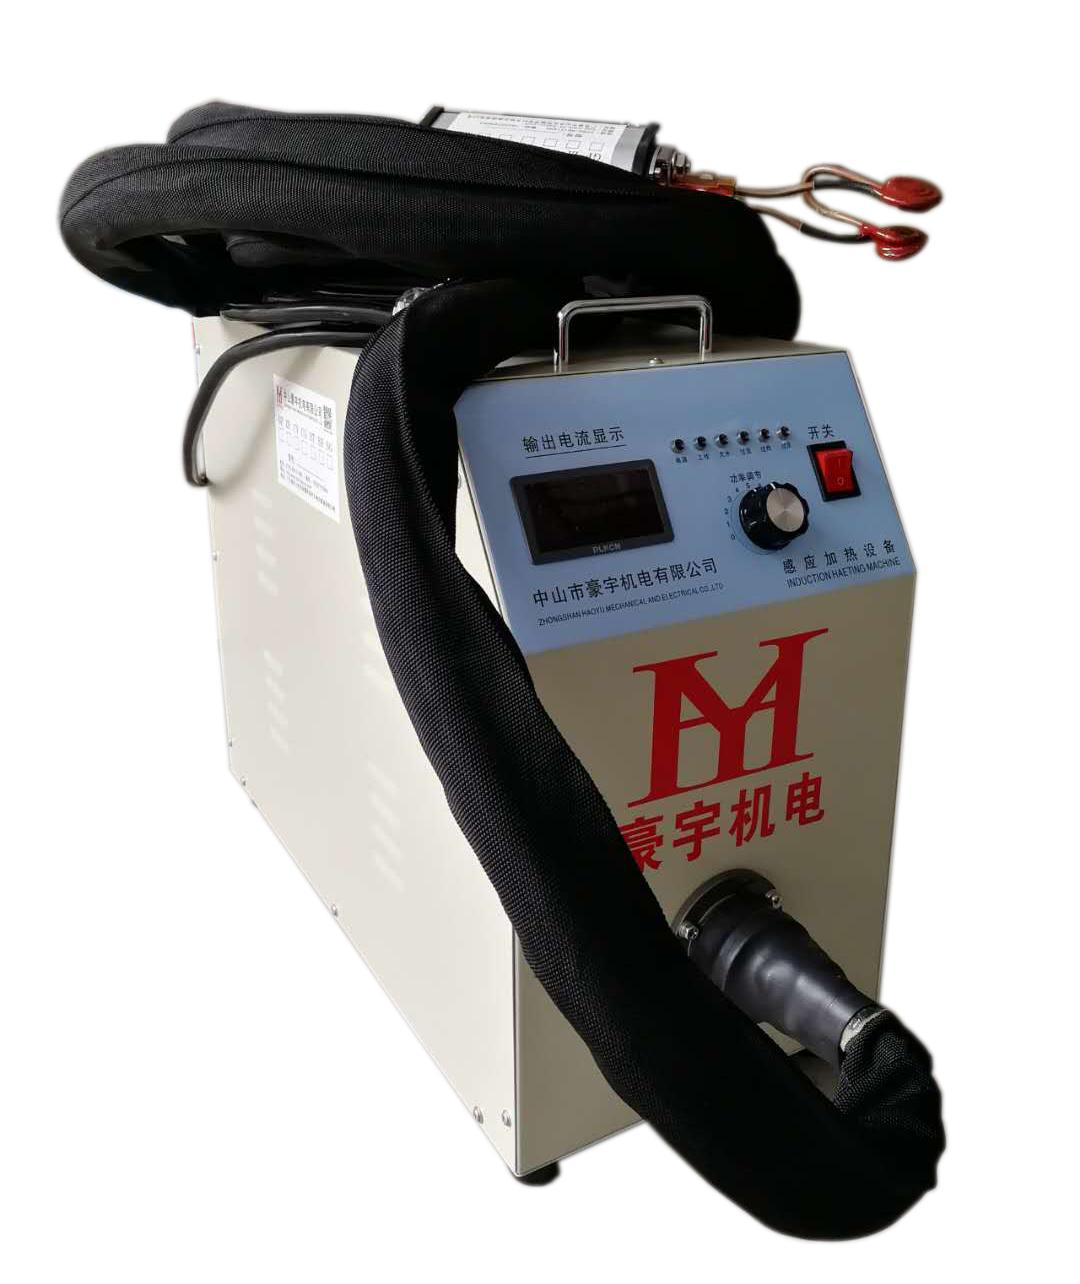 哪里有手持式高频焊机买